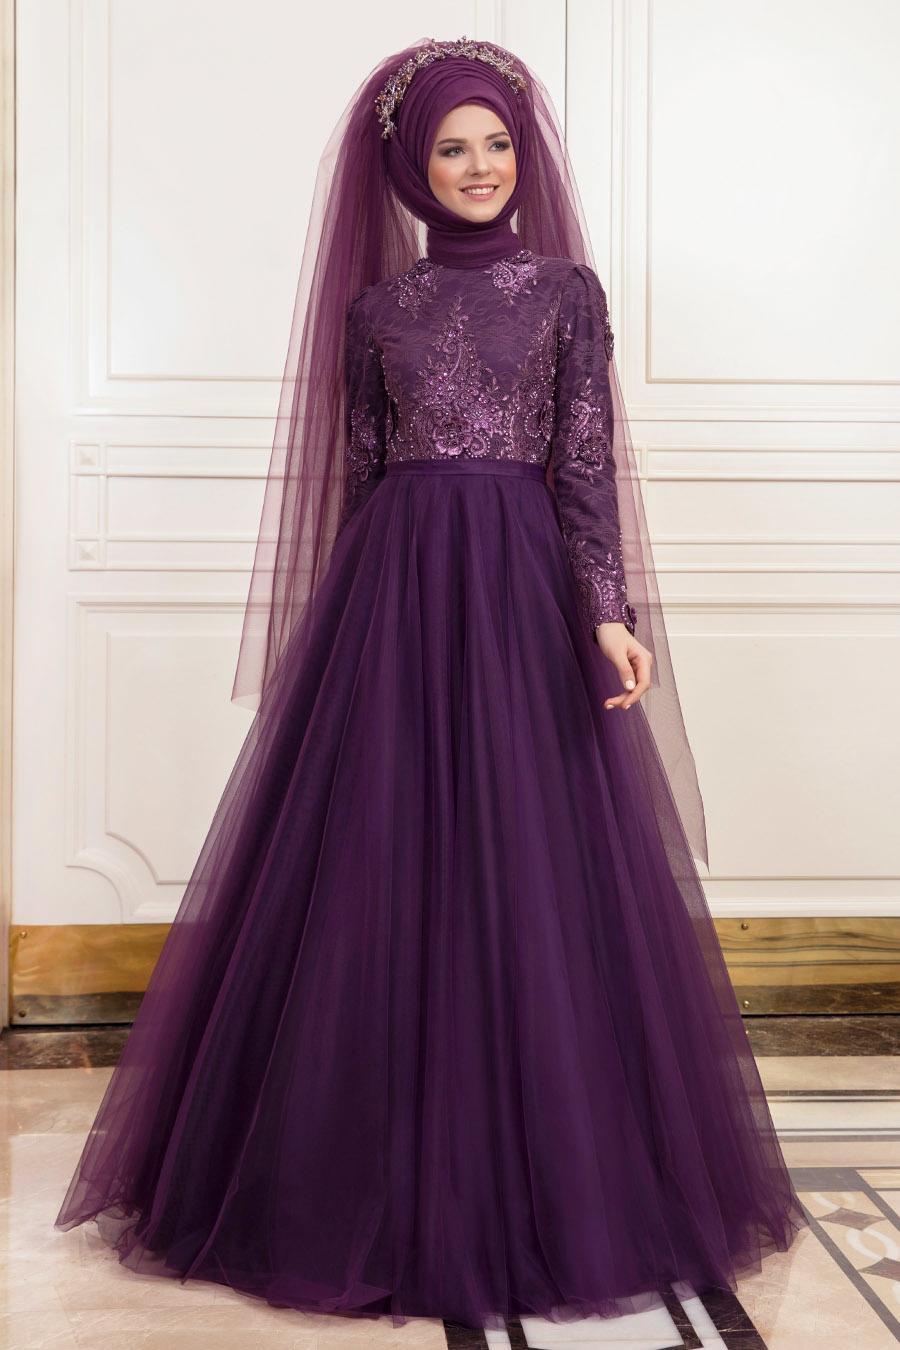 Tesettürlü Abiye Elbise - Dantel İşlemeli Mor Tesettürlü Nişanlık Abiye 190901MOR